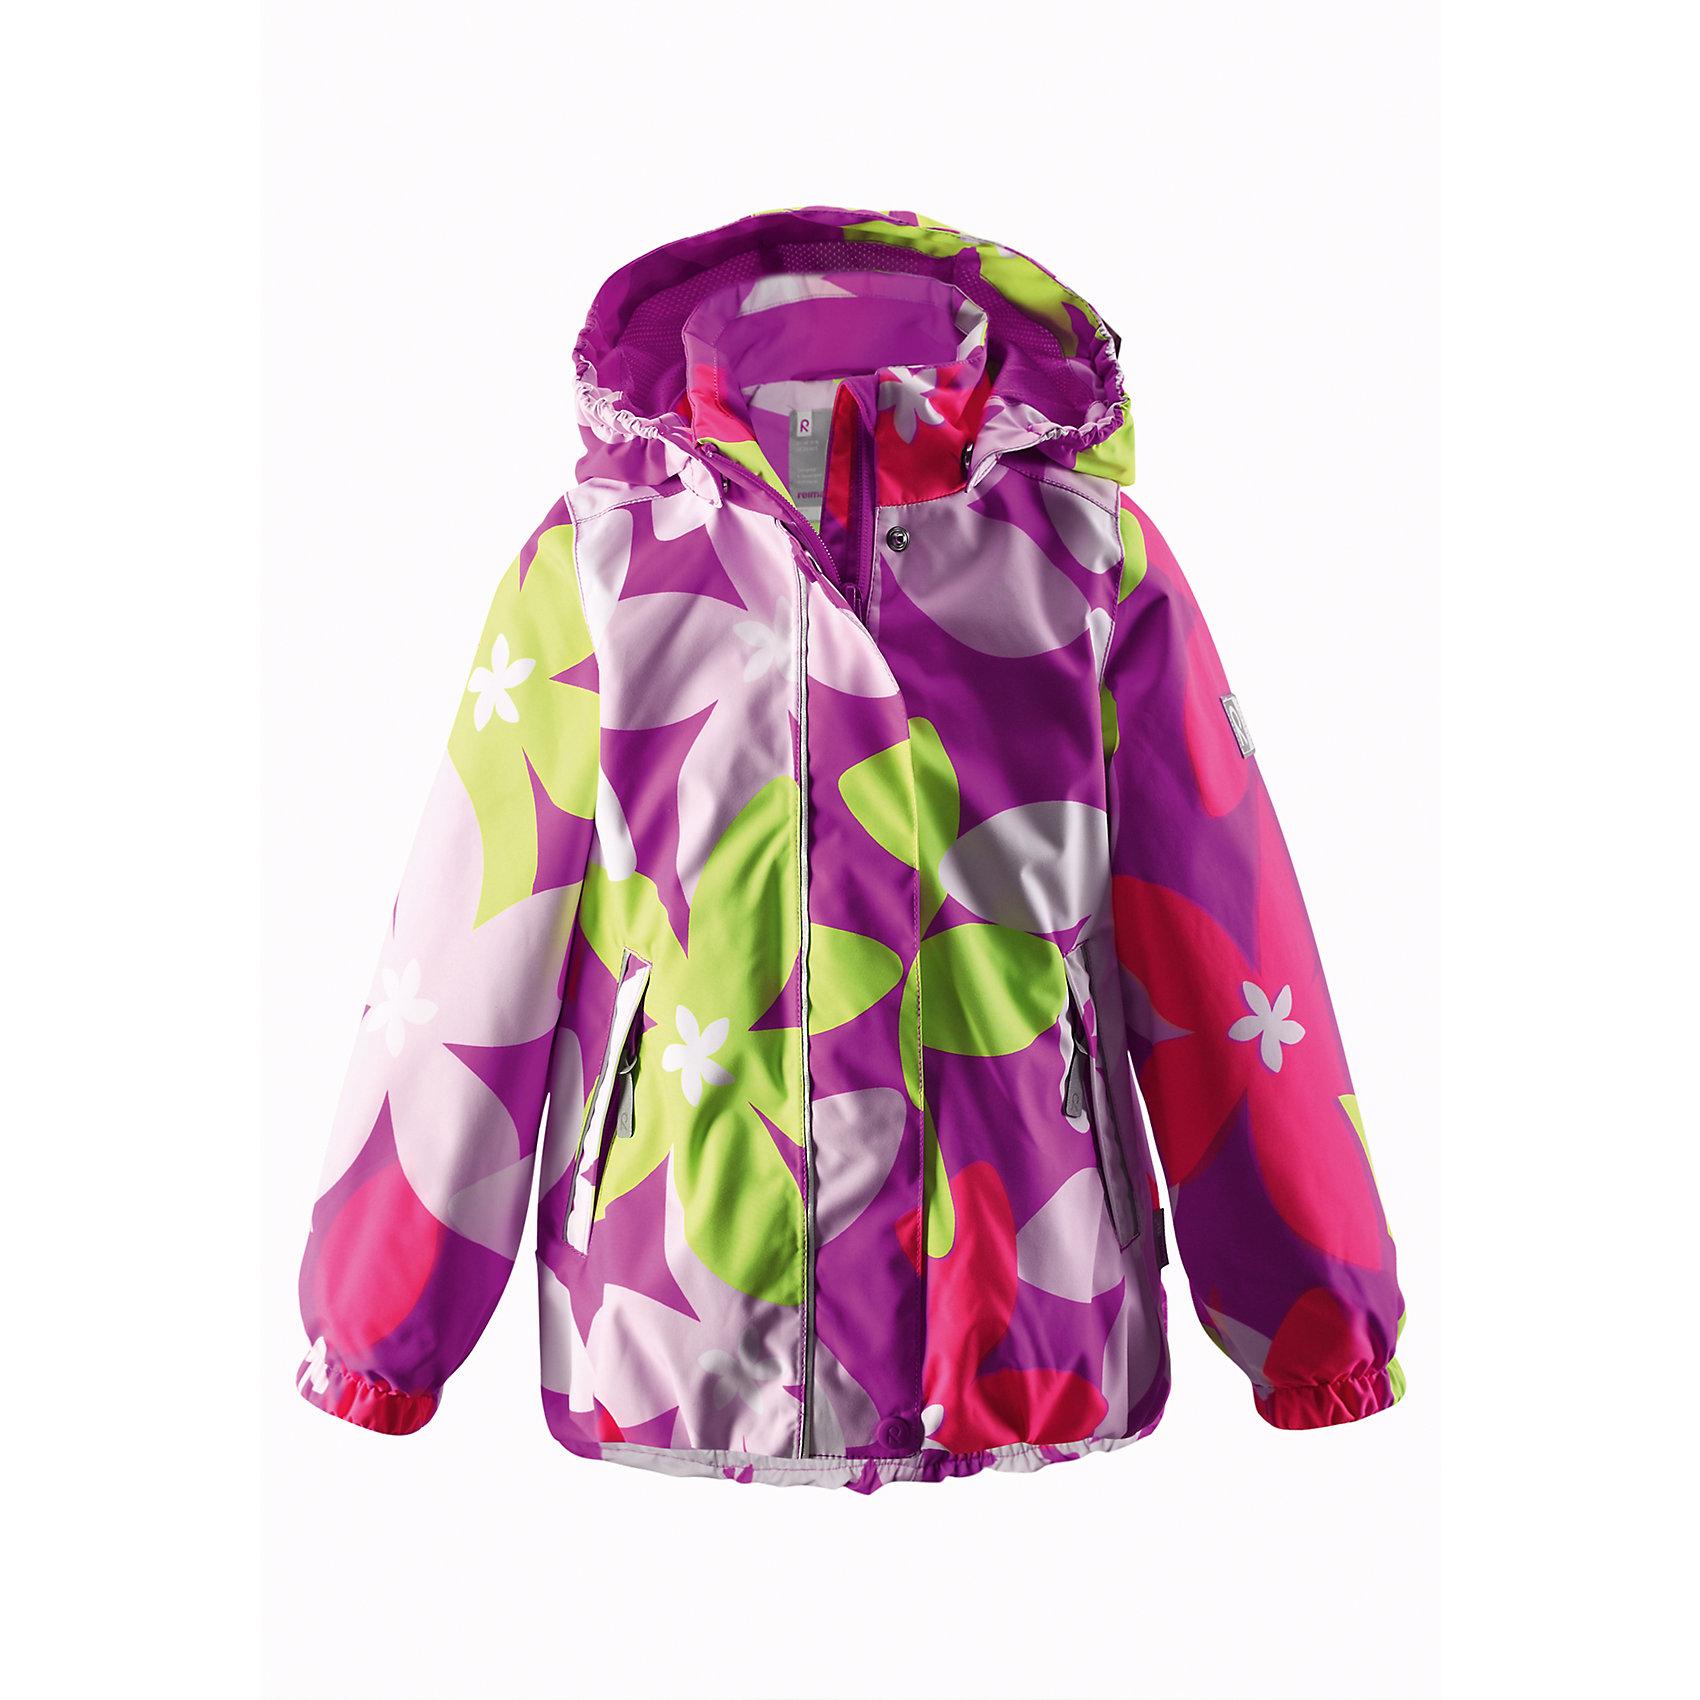 Куртка для девочки Reimatec ReimaДемисезонная куртка для детей при добавлении среднего и базового слоев Reima легко трансформируется в одежду для круглогодичного использования, будь то в дождь или солнечную погоду. Обратите внимание, что с удобной системой кнопочных застежек Play Layers® можно легко пристегнуть к куртке несколько слоев Reima® для создания дополнительного тепла и комфорта. Все швы проклеены для максимальной защиты. Куртка снабжена удобной сетчатой подкладкой и безопасным съемным капюшоном. Отражающие детали помогут увидеть ребенка даже после захода солнца, а карманы на молнии будут надежно хранить наиболее важные мелкие предметы во время приключений на открытом воздухе. <br><br>Дополнительная информация:<br><br>Куртка демисезонная для детей<br>Все швы проклеены и водонепроницаемы<br>Водо- и ветронепроницаемый «дышащий» материал<br>Подкладка из mesh-сетки<br>Безопасный, отстегивающийся и регулируемый капюшон<br>Два кармана на молнии<br>Безопасные светоотражающие детали<br>Состав:<br>100% ПЭ, ПУ-покрытие<br>Уход:<br>Стирать по отдельности, вывернув наизнанку. Застегнуть молнии и липучки. Стирать моющим средством, не содержащим отбеливающие вещества. Полоскать без специального средства. Во избежание изменения цвета изделие необходимо вынуть из стиральной машинки незамедлительно после окончания программы стирки. Можно сушить в сушильном шкафу или центрифуге (макс. 40° C).<br><br>Ширина мм: 356<br>Глубина мм: 10<br>Высота мм: 245<br>Вес г: 519<br>Цвет: розовый<br>Возраст от месяцев: 96<br>Возраст до месяцев: 108<br>Пол: Женский<br>Возраст: Детский<br>Размер: 134,140,122,110,104,116,128<br>SKU: 4497377